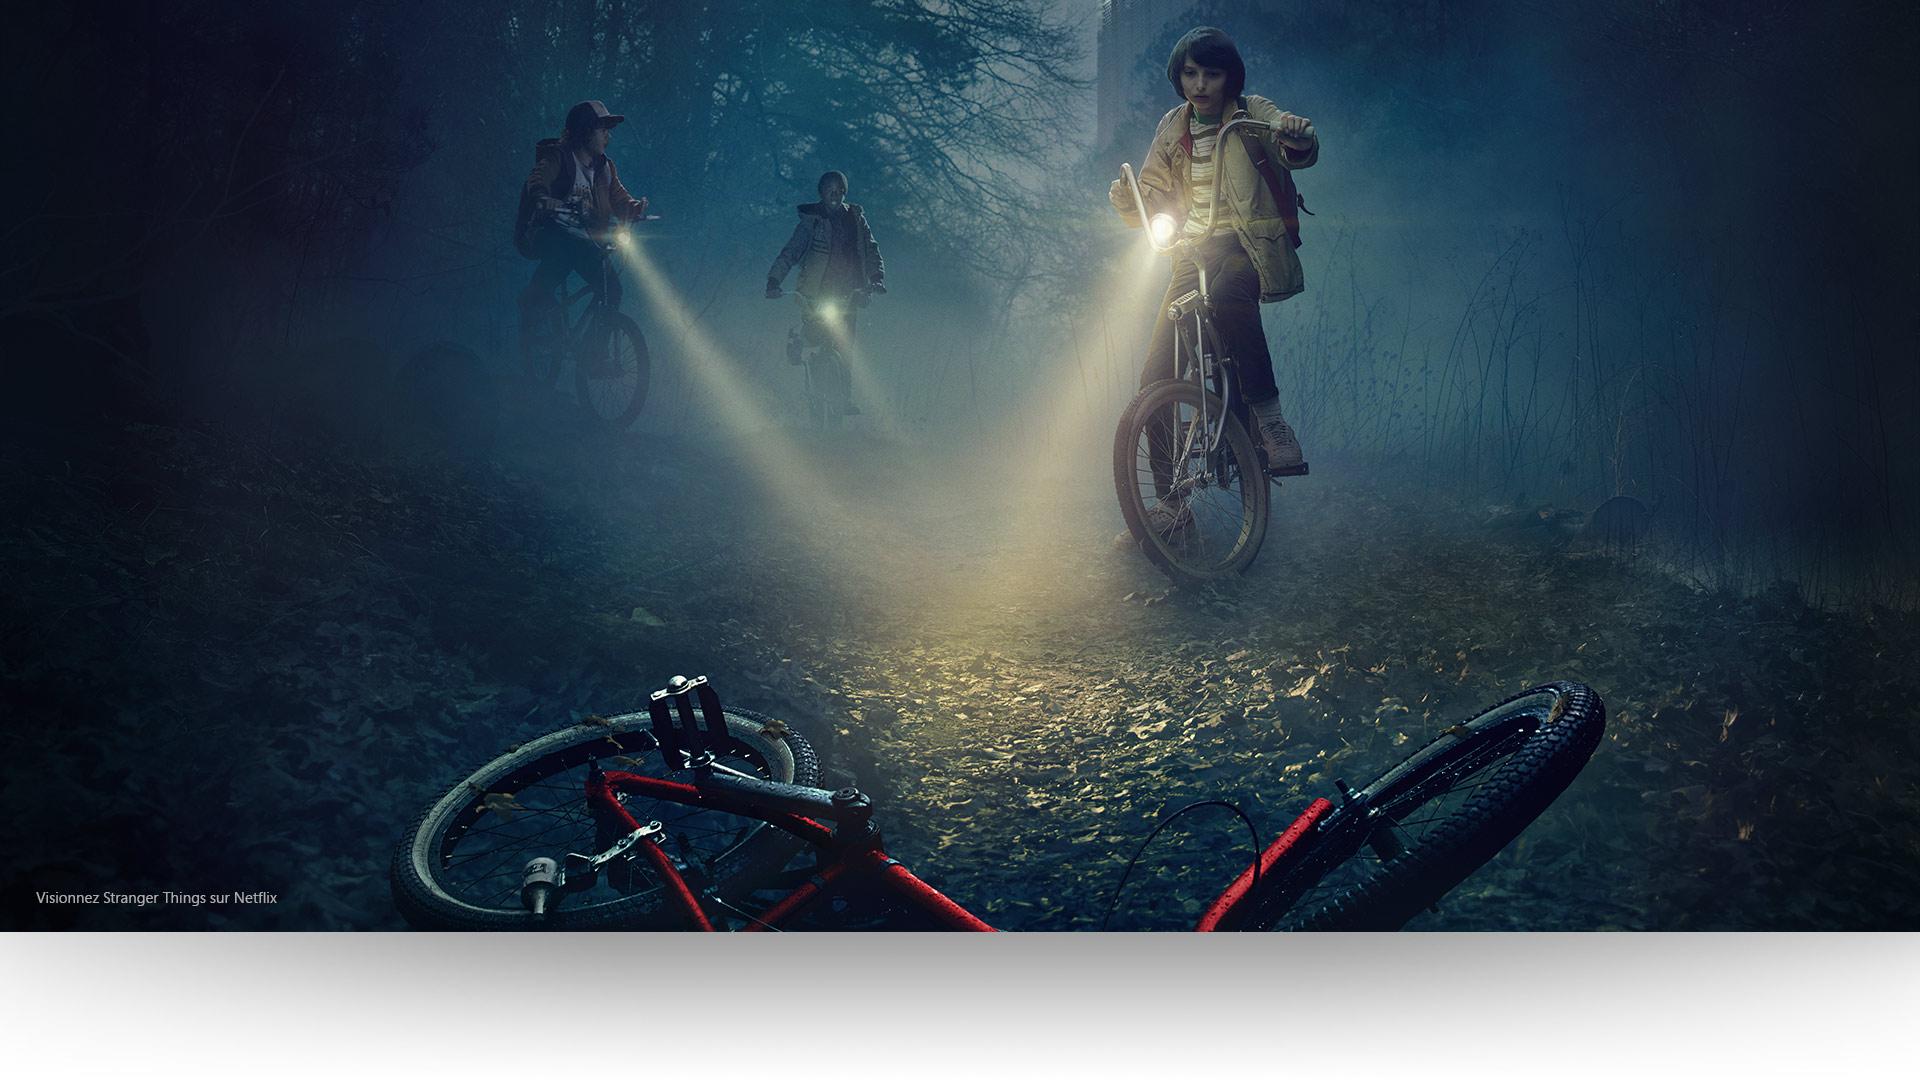 Une scène de Stranger Things où les enfants découvrent une bicyclette dans les bois